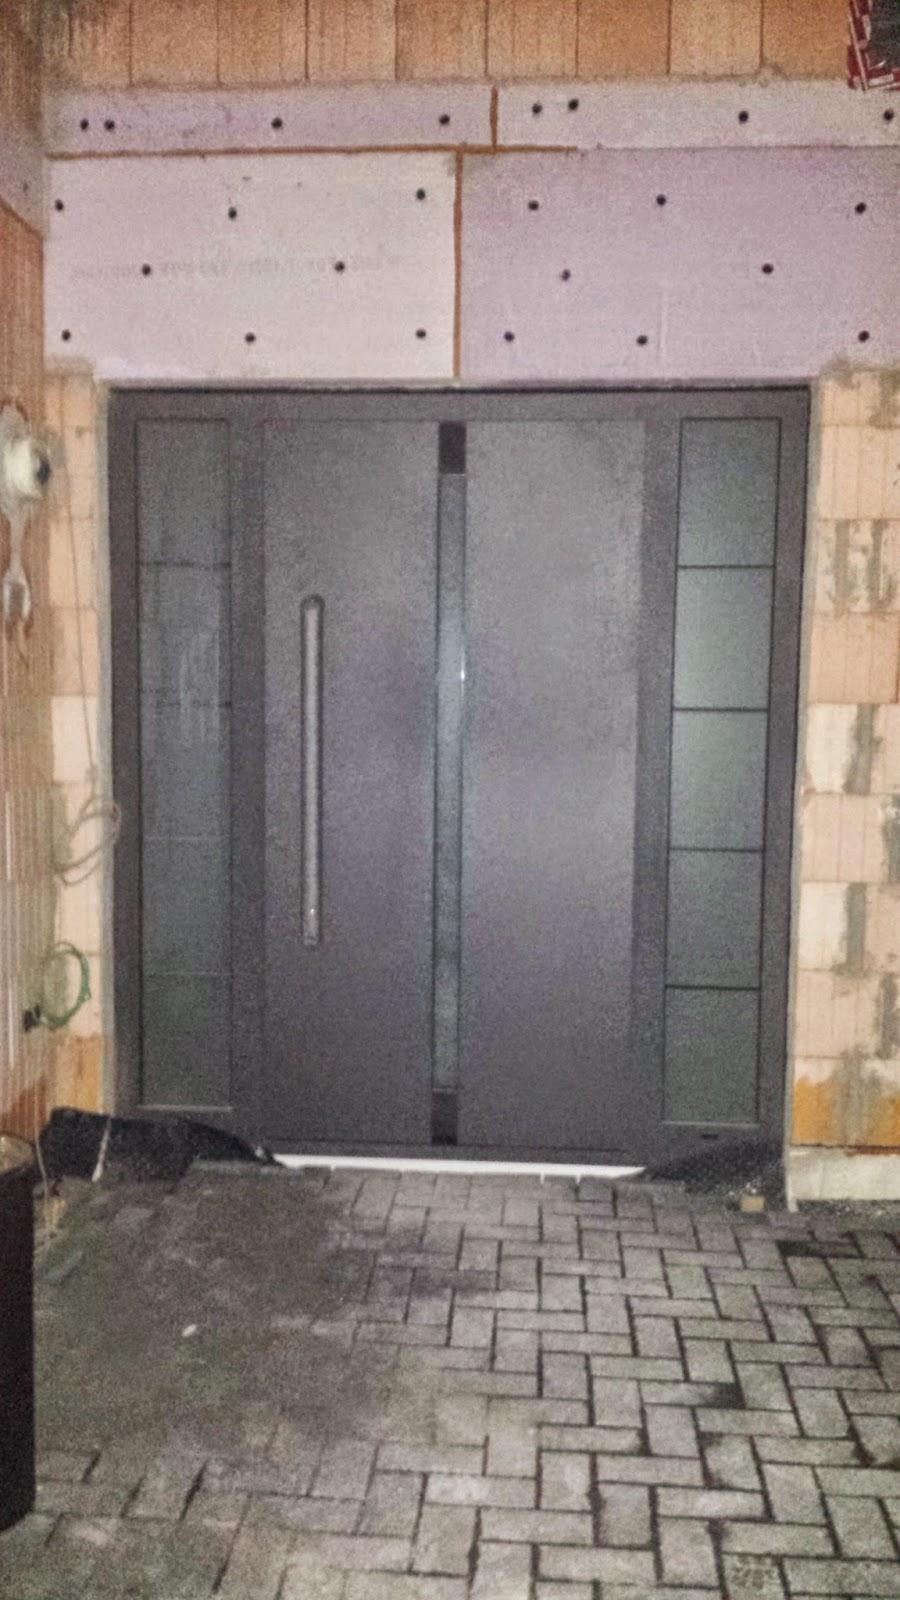 unser architektenhaus in ak haust rf llung im dunkeln. Black Bedroom Furniture Sets. Home Design Ideas